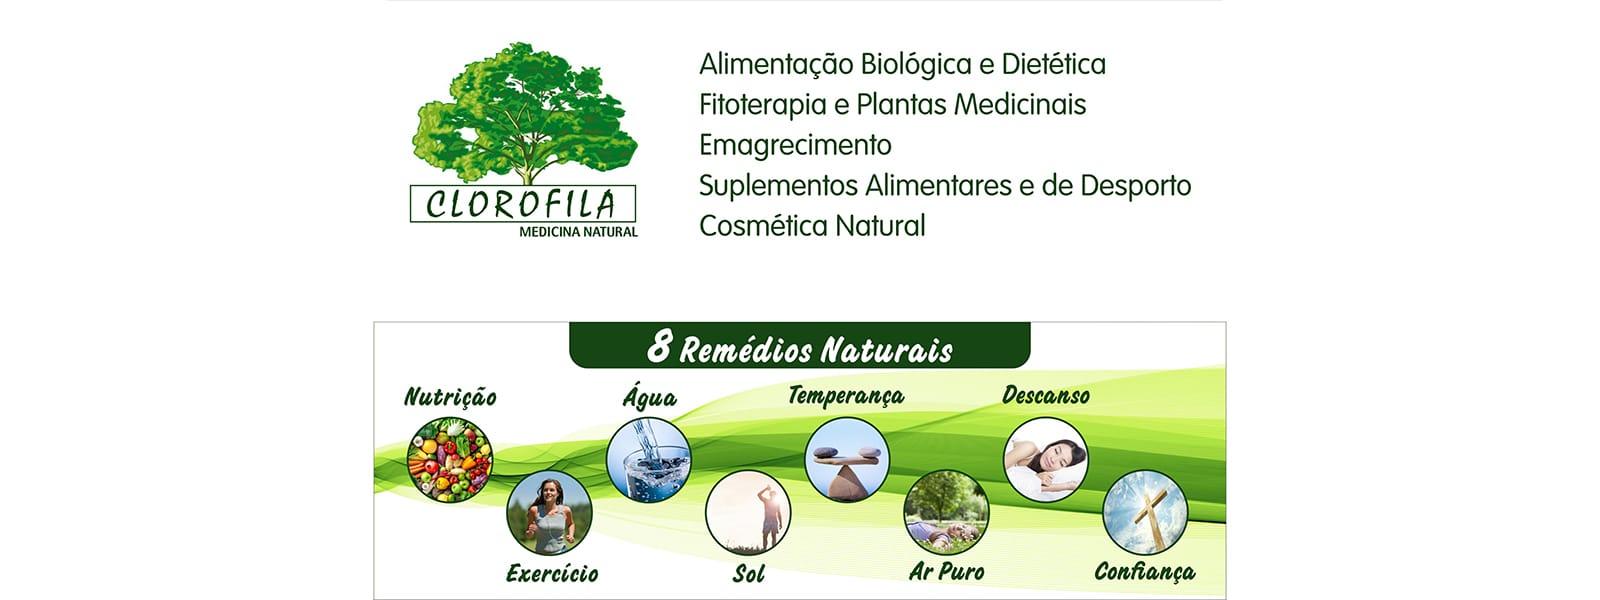 Clorofila - Medicina Natural